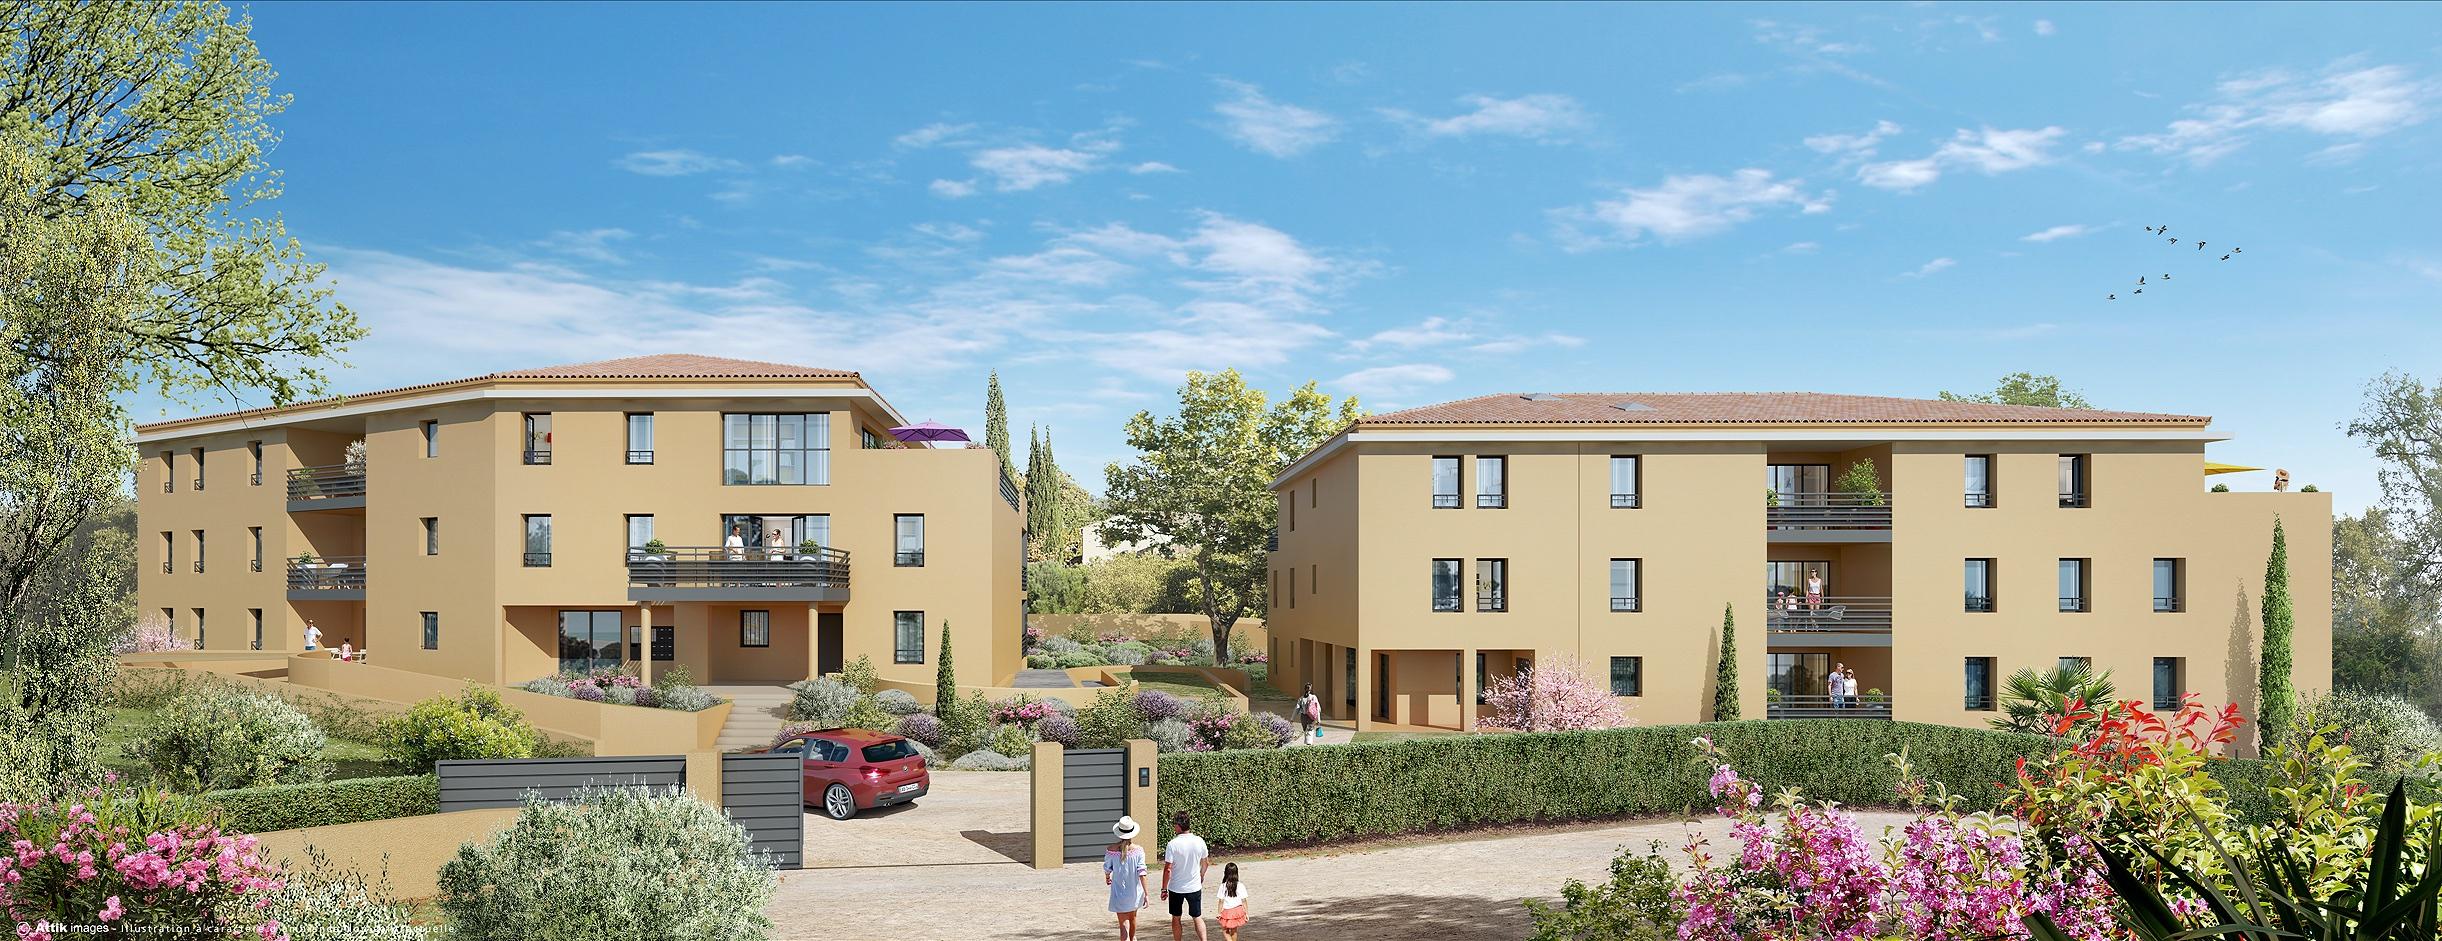 Programme immobilier Aix-En-Provence (13100) Quartier au calme KAB17